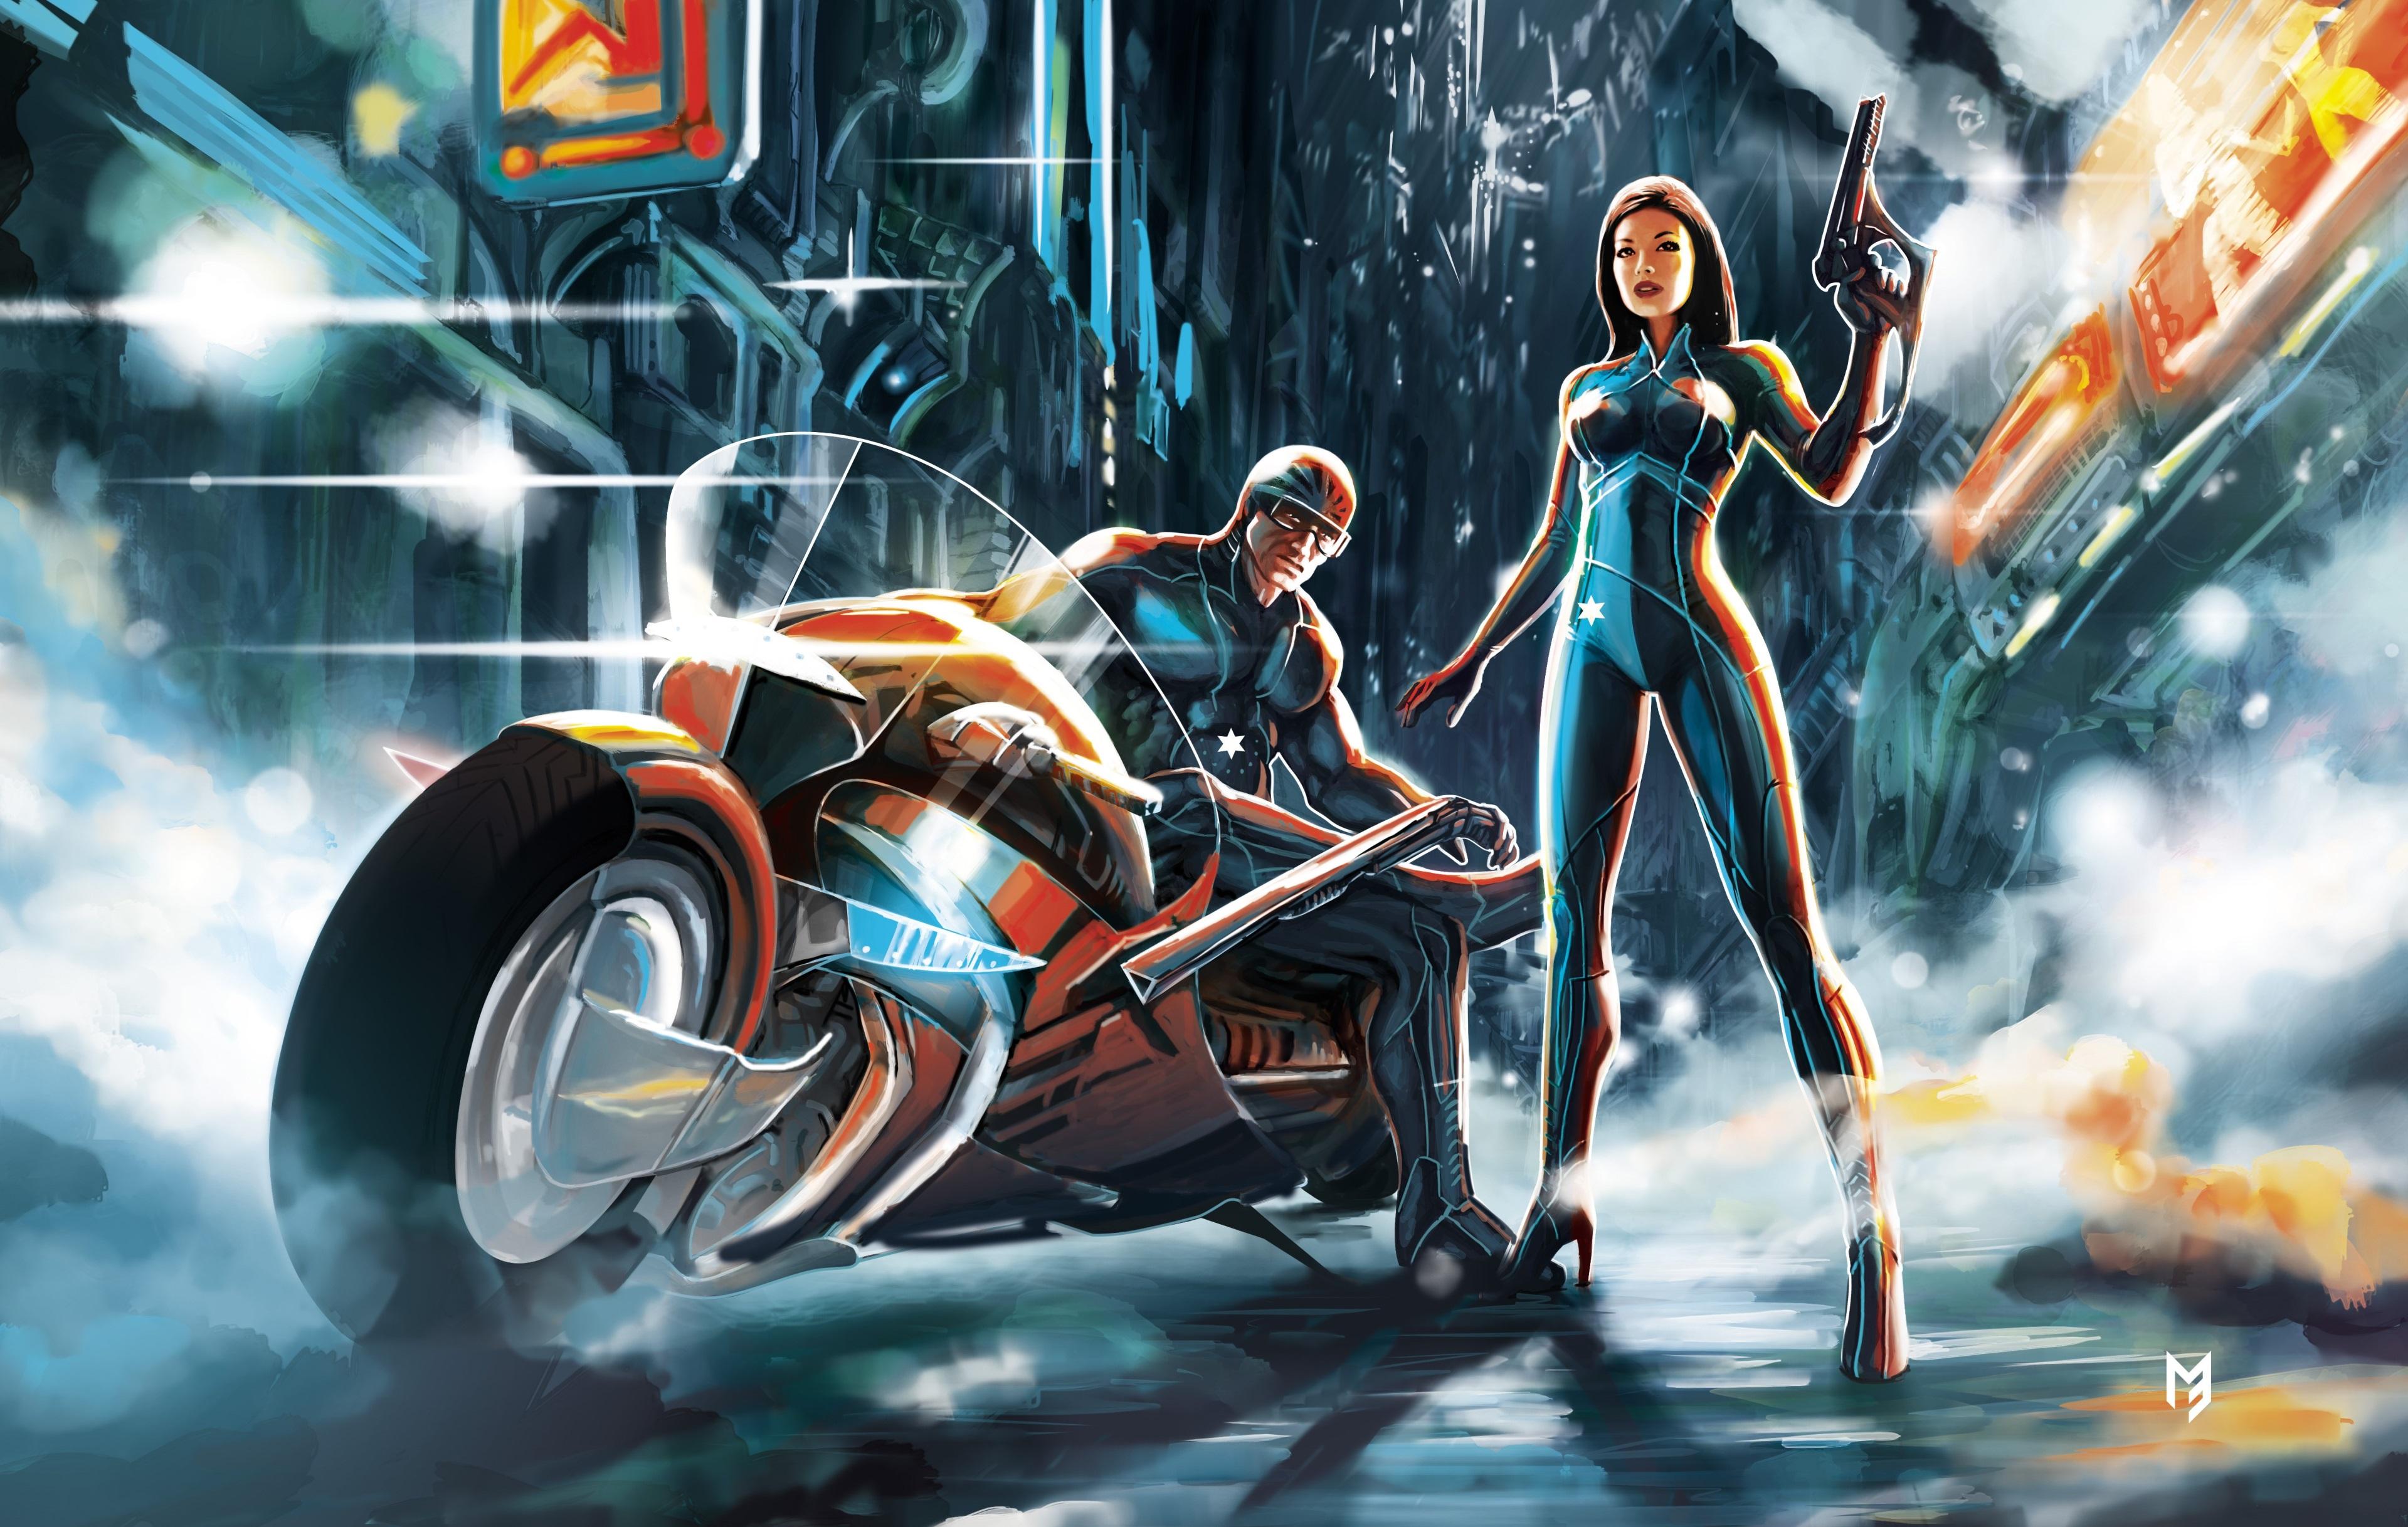 Sci Fi Wallpaper 4k 2344093 Hd Wallpaper Backgrounds